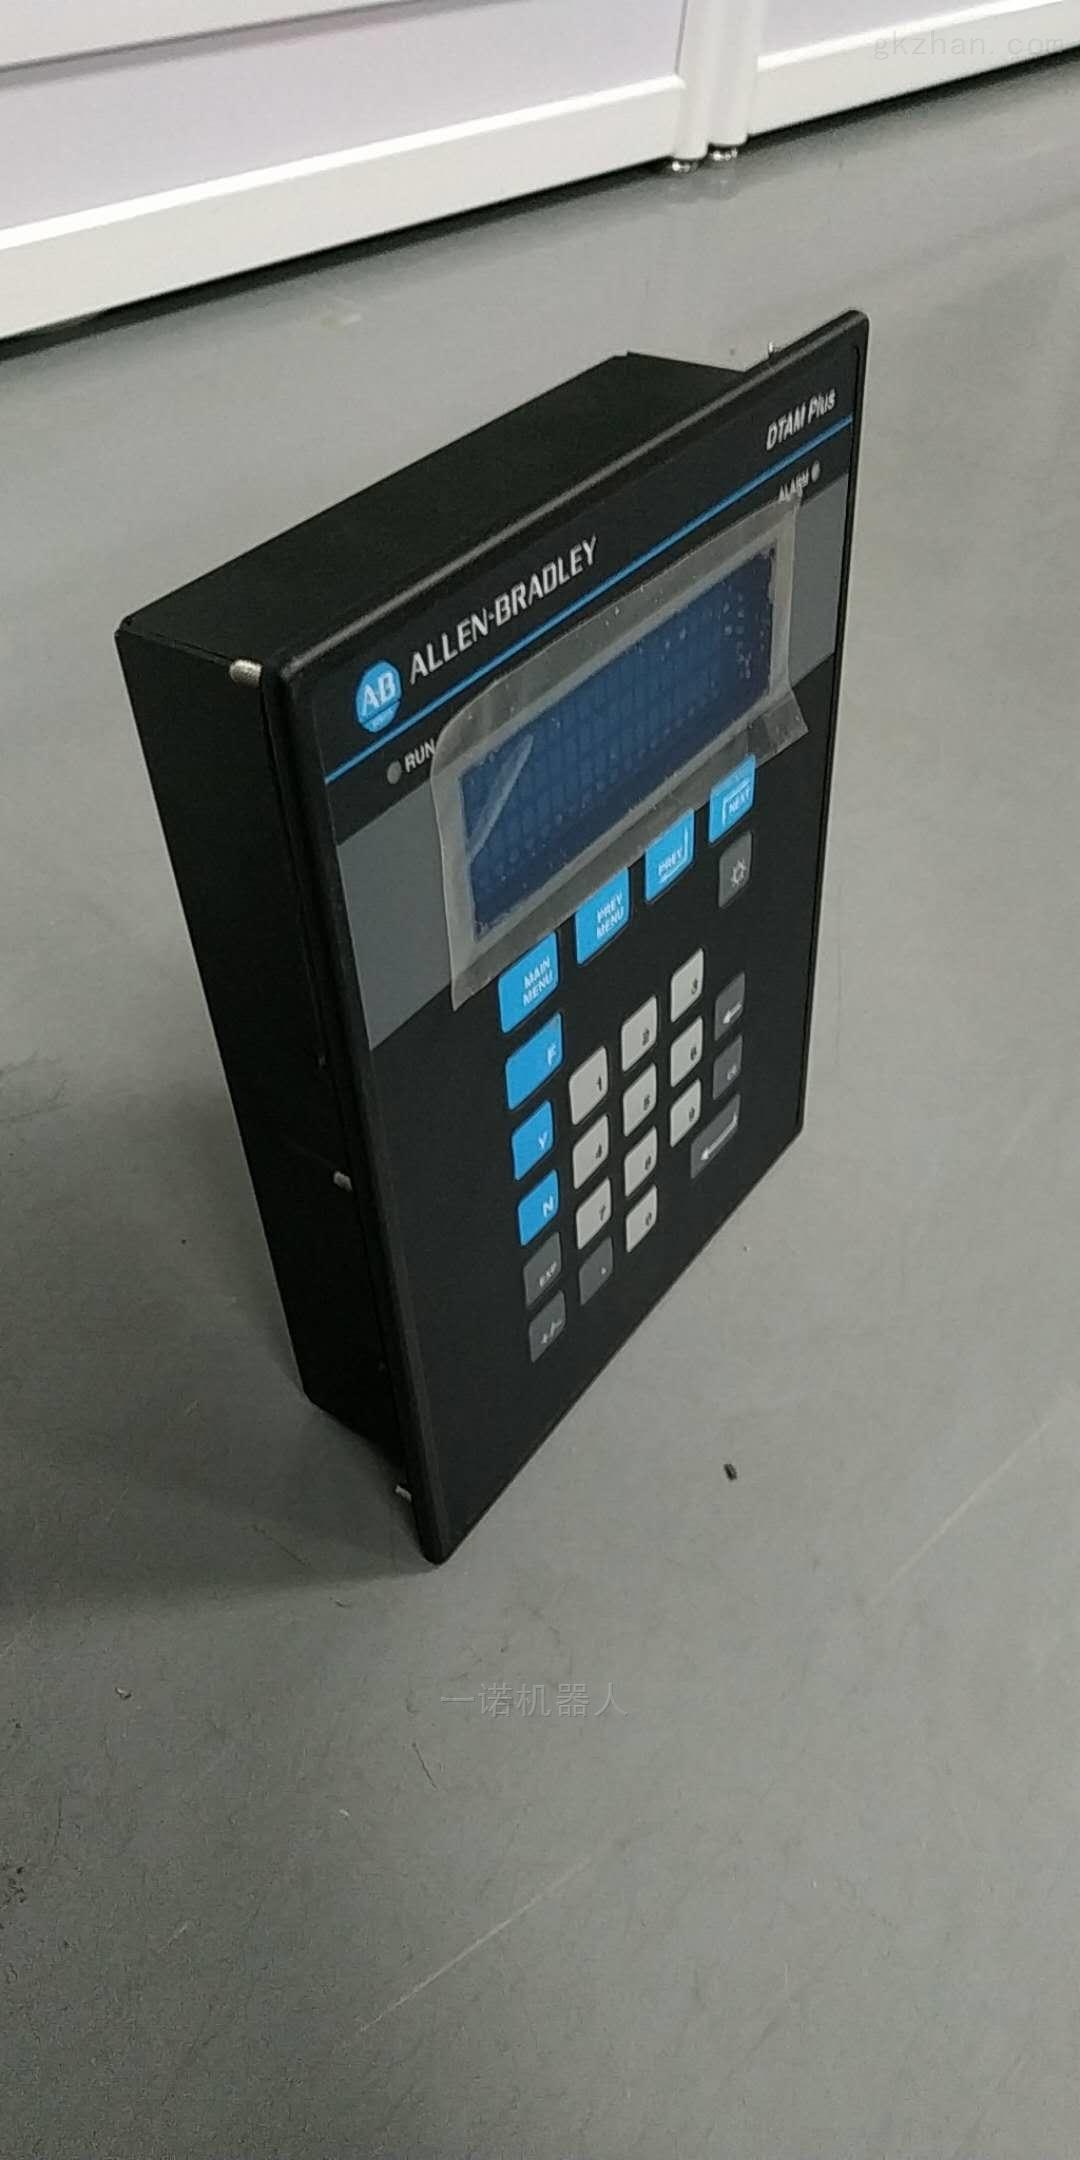 AB罗克韦尔工控显示屏 2707-V40P2X B